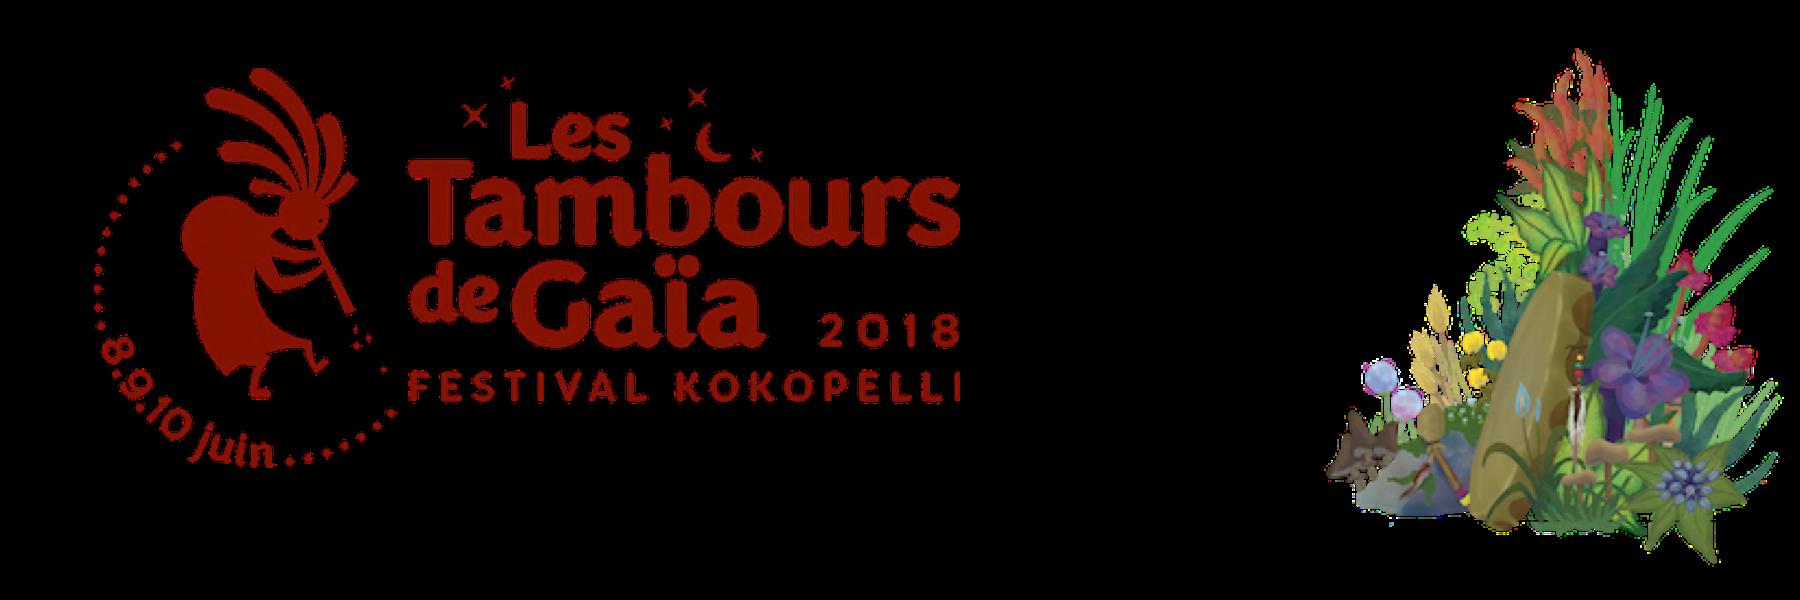 Festival Kokopelli